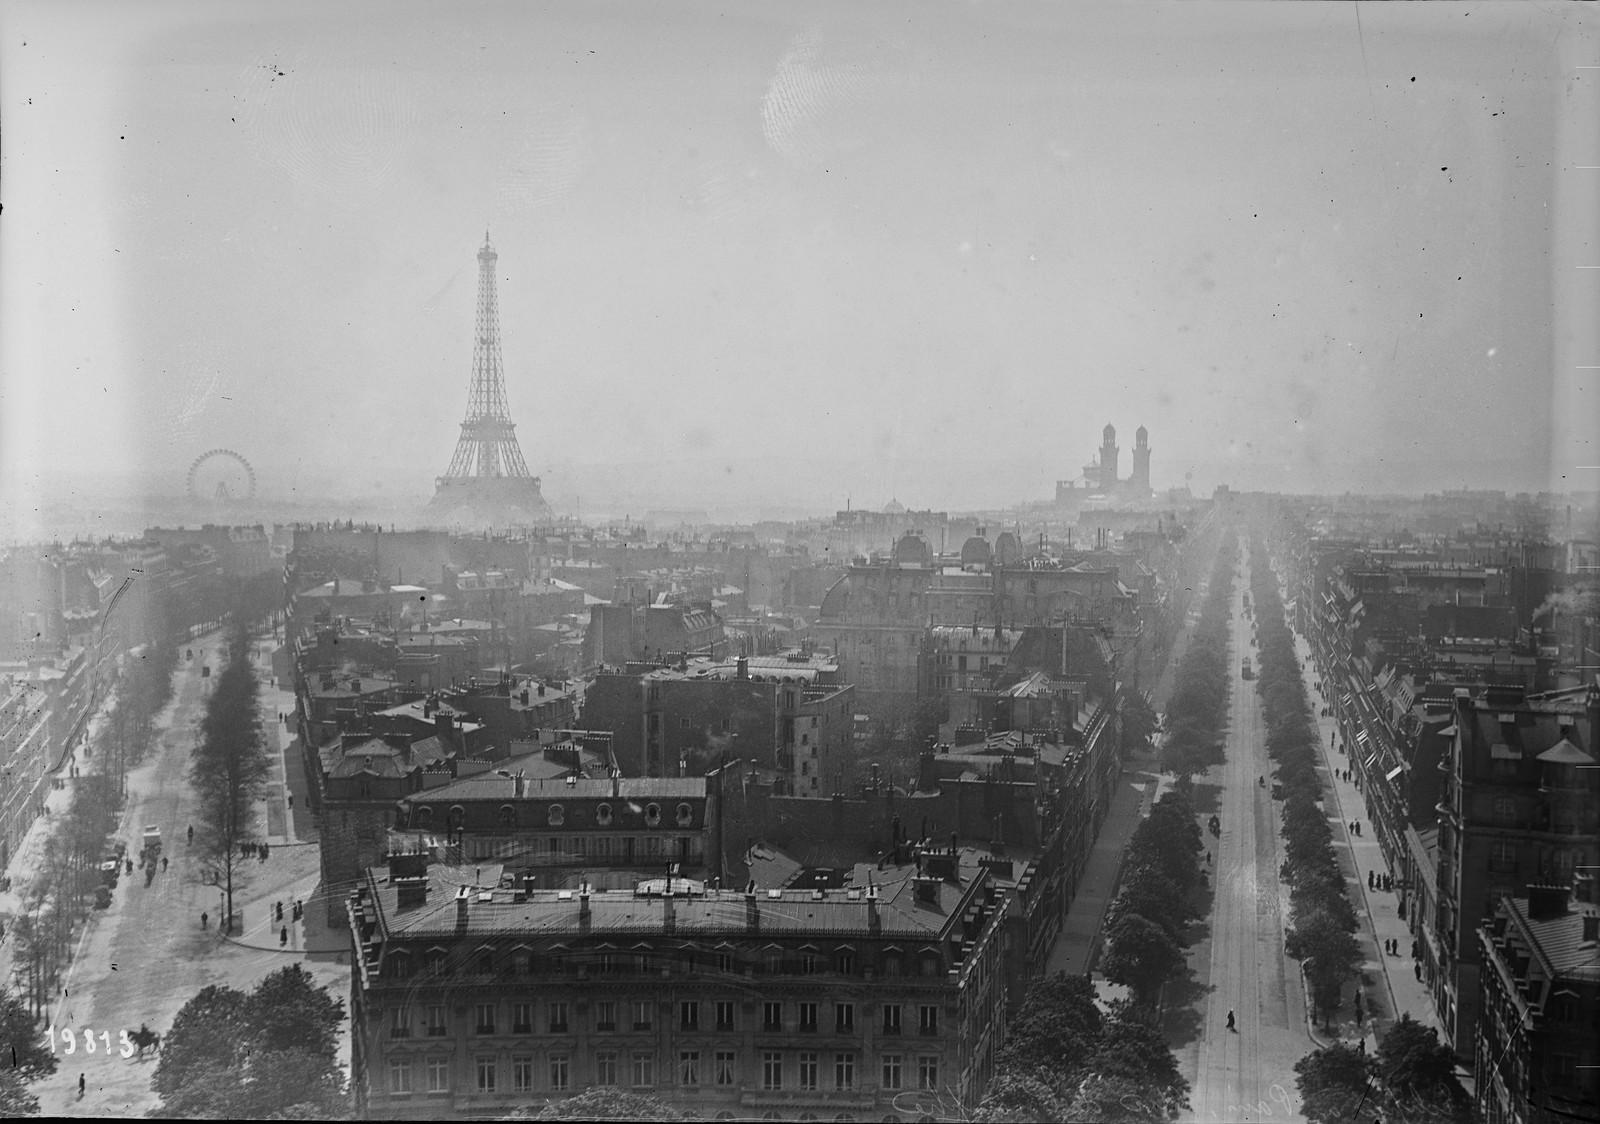 1912. Солнечное затмение в Париже 17 апреля